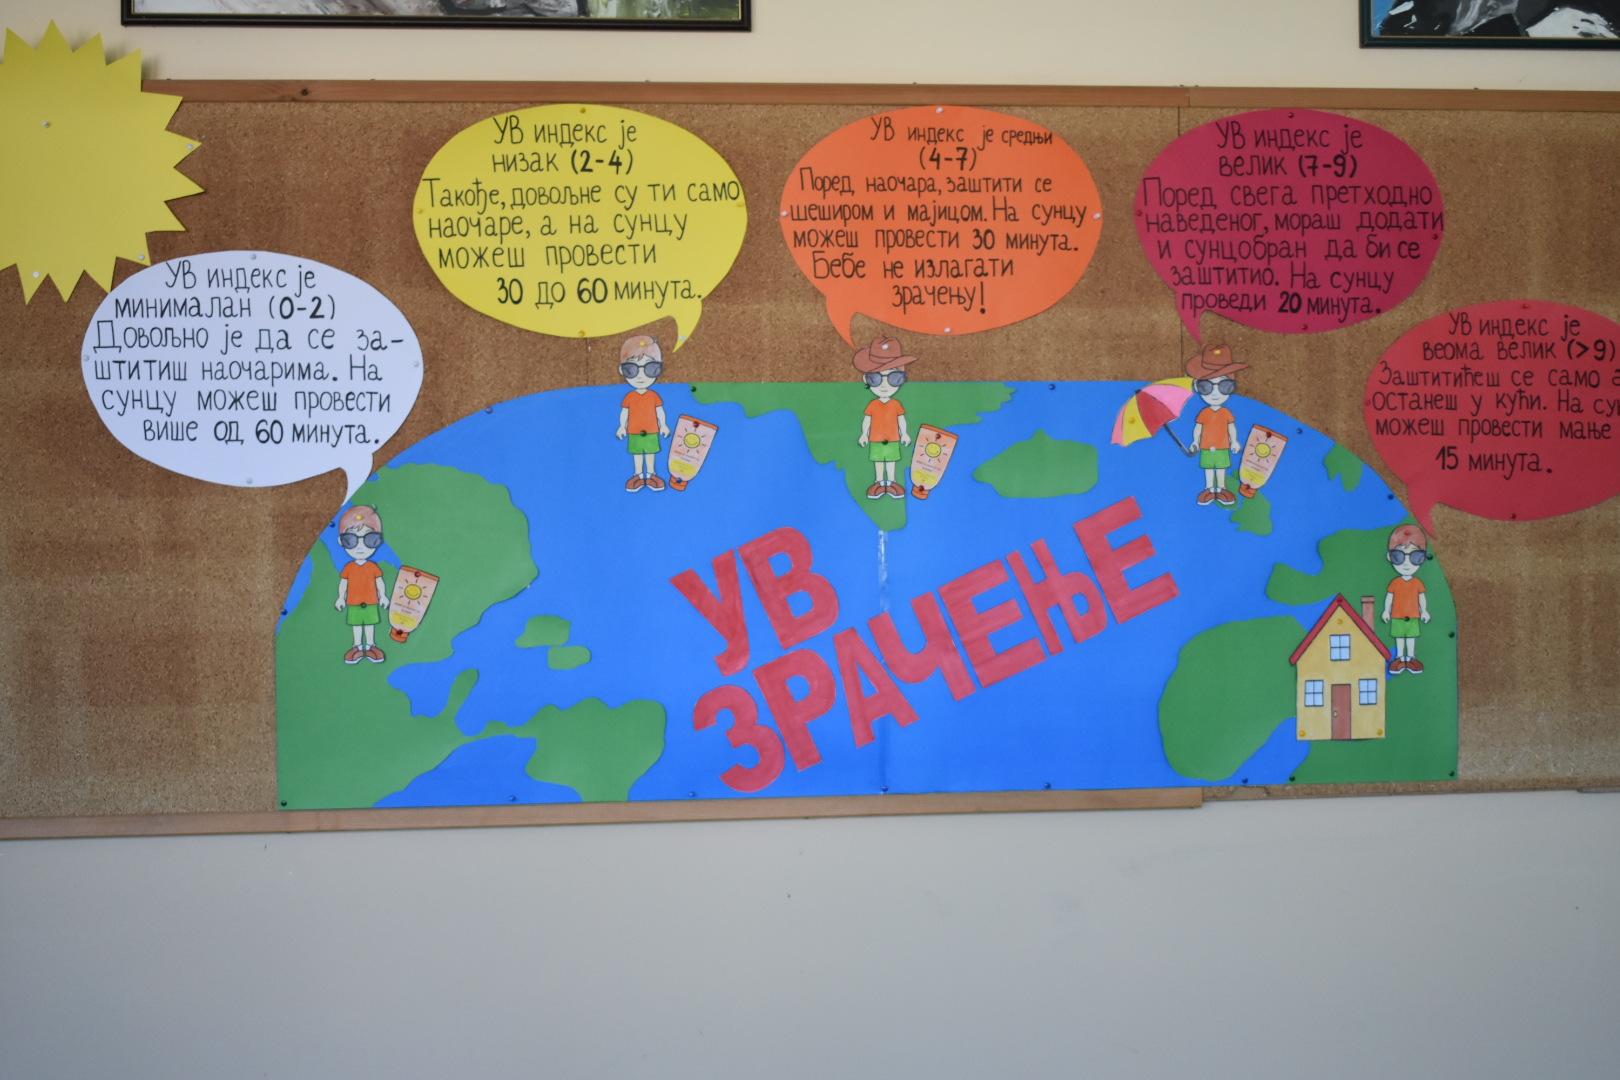 """Kampanja """"Zaštita za sve""""; Foto: Ministarstvo prosvete"""